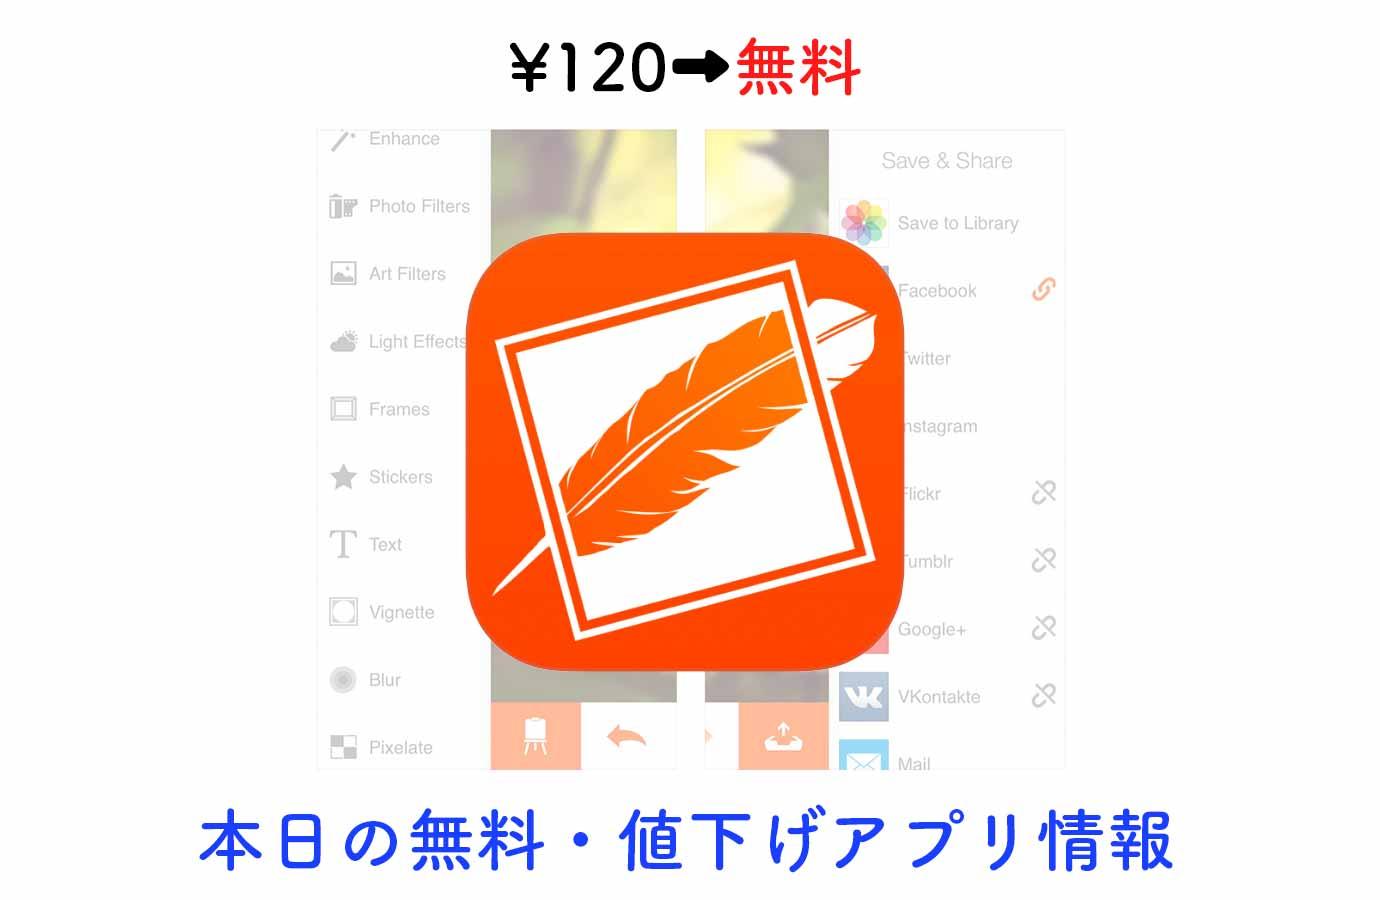 ¥120→無料、多機能写真編集アプリ「Phoenix Photo Editor」など【9/14】本日の無料・値下げアプリ情報